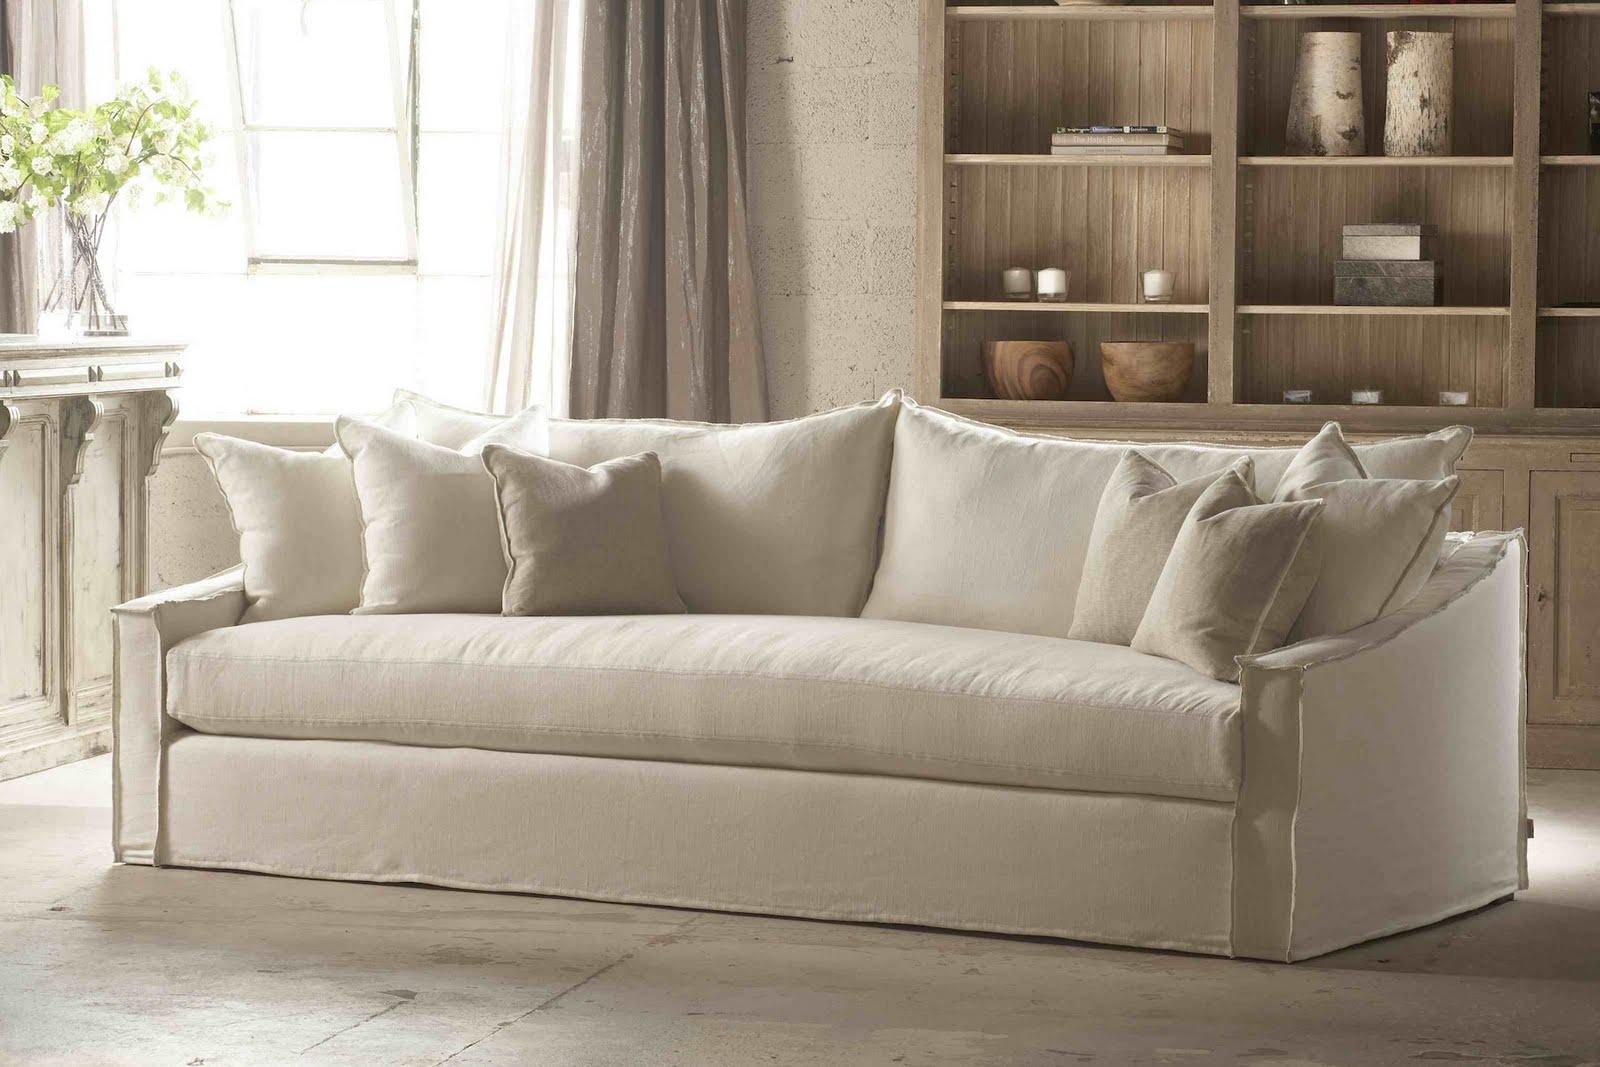 Ruby Livingdesign White Cool And Crisp For Summer